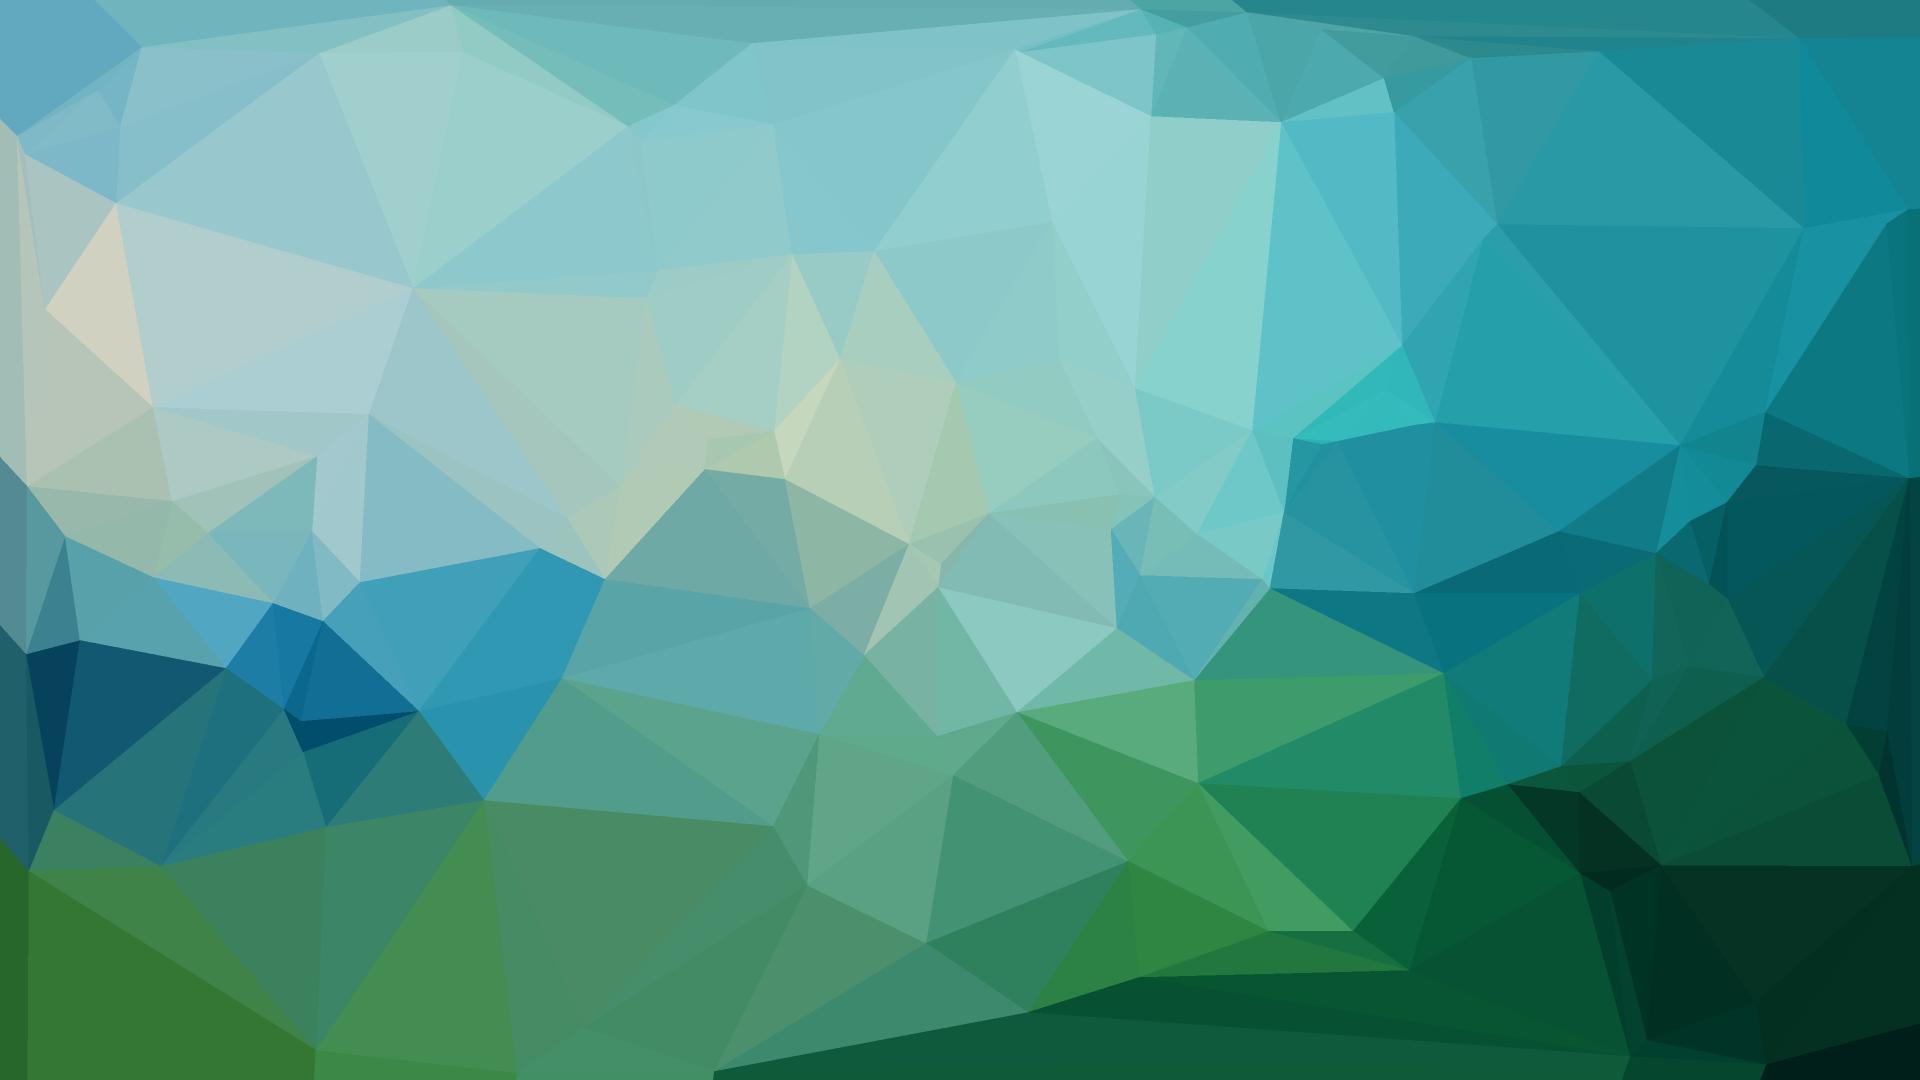 geometric hd wallpaper widescreen 1920x1080 -#main